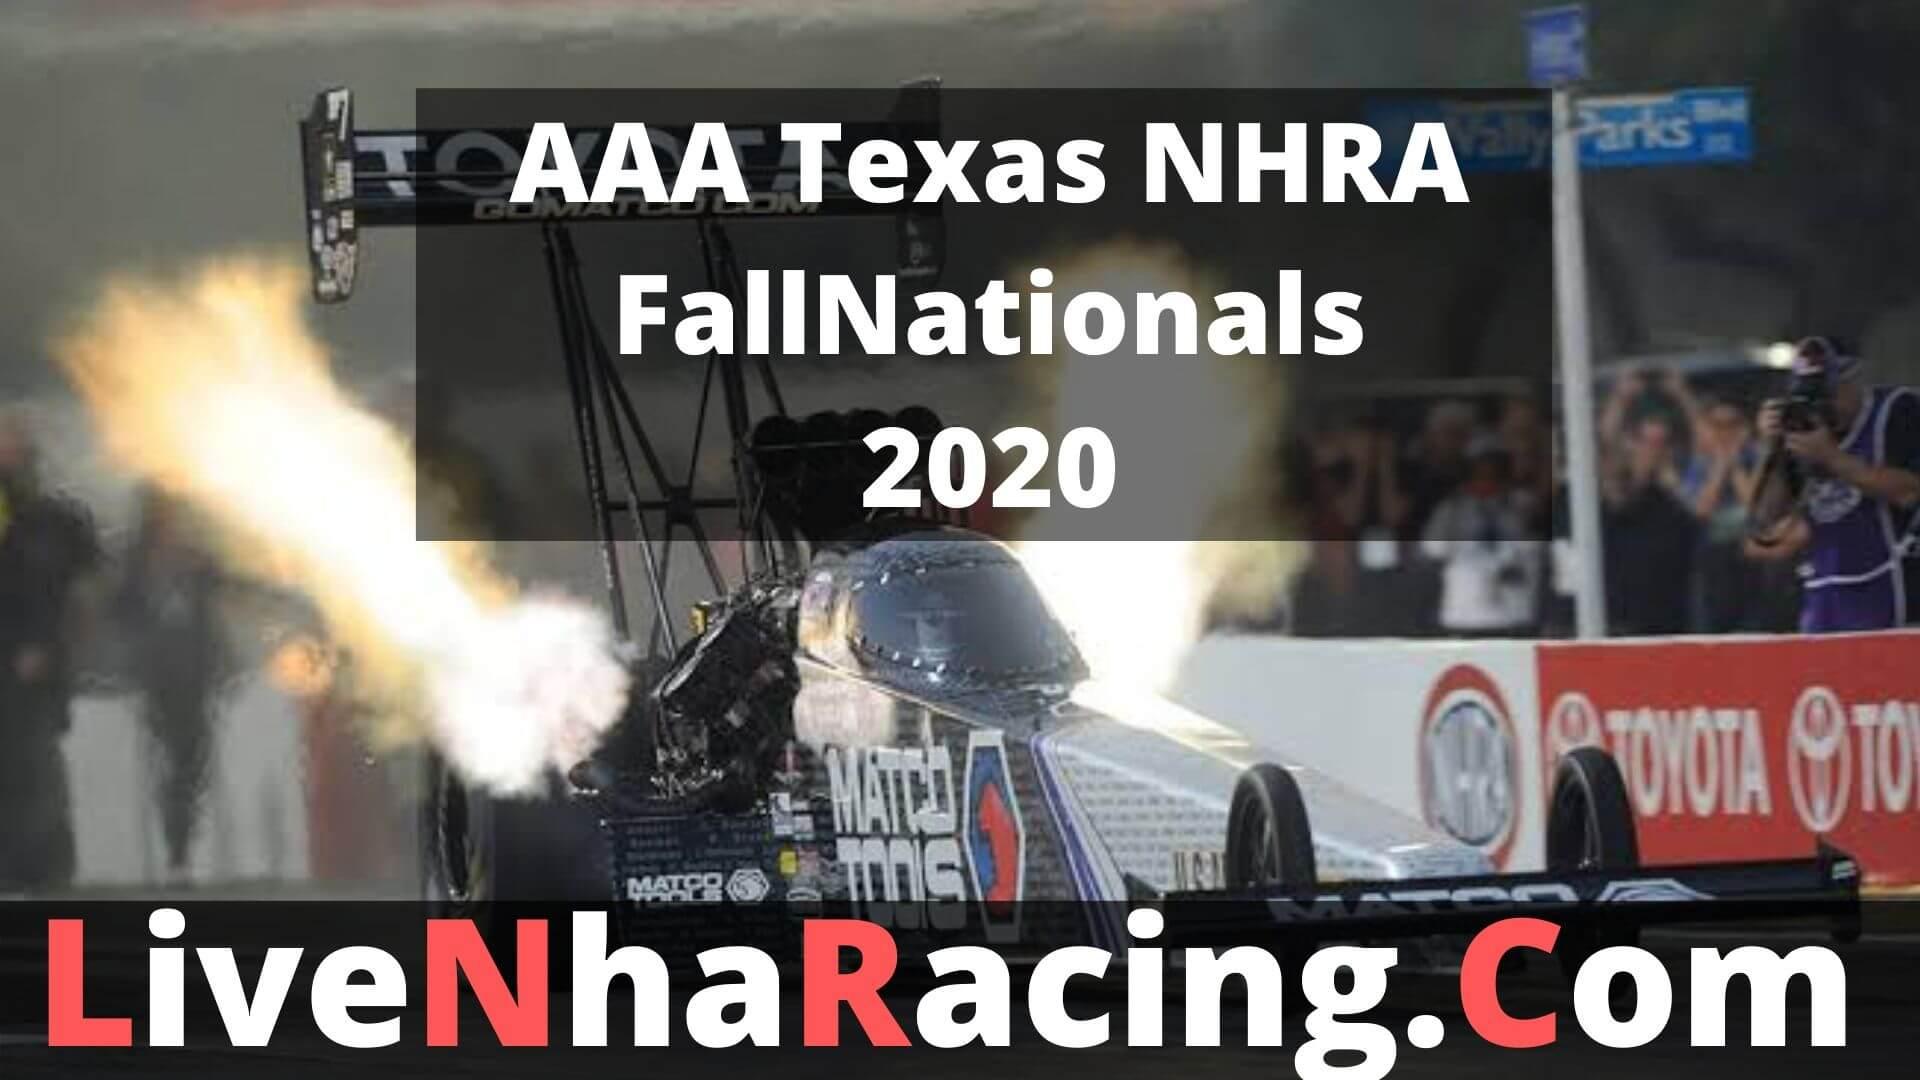 AAA Texas NHRA FallNationals- Friday Nitro Live Stream